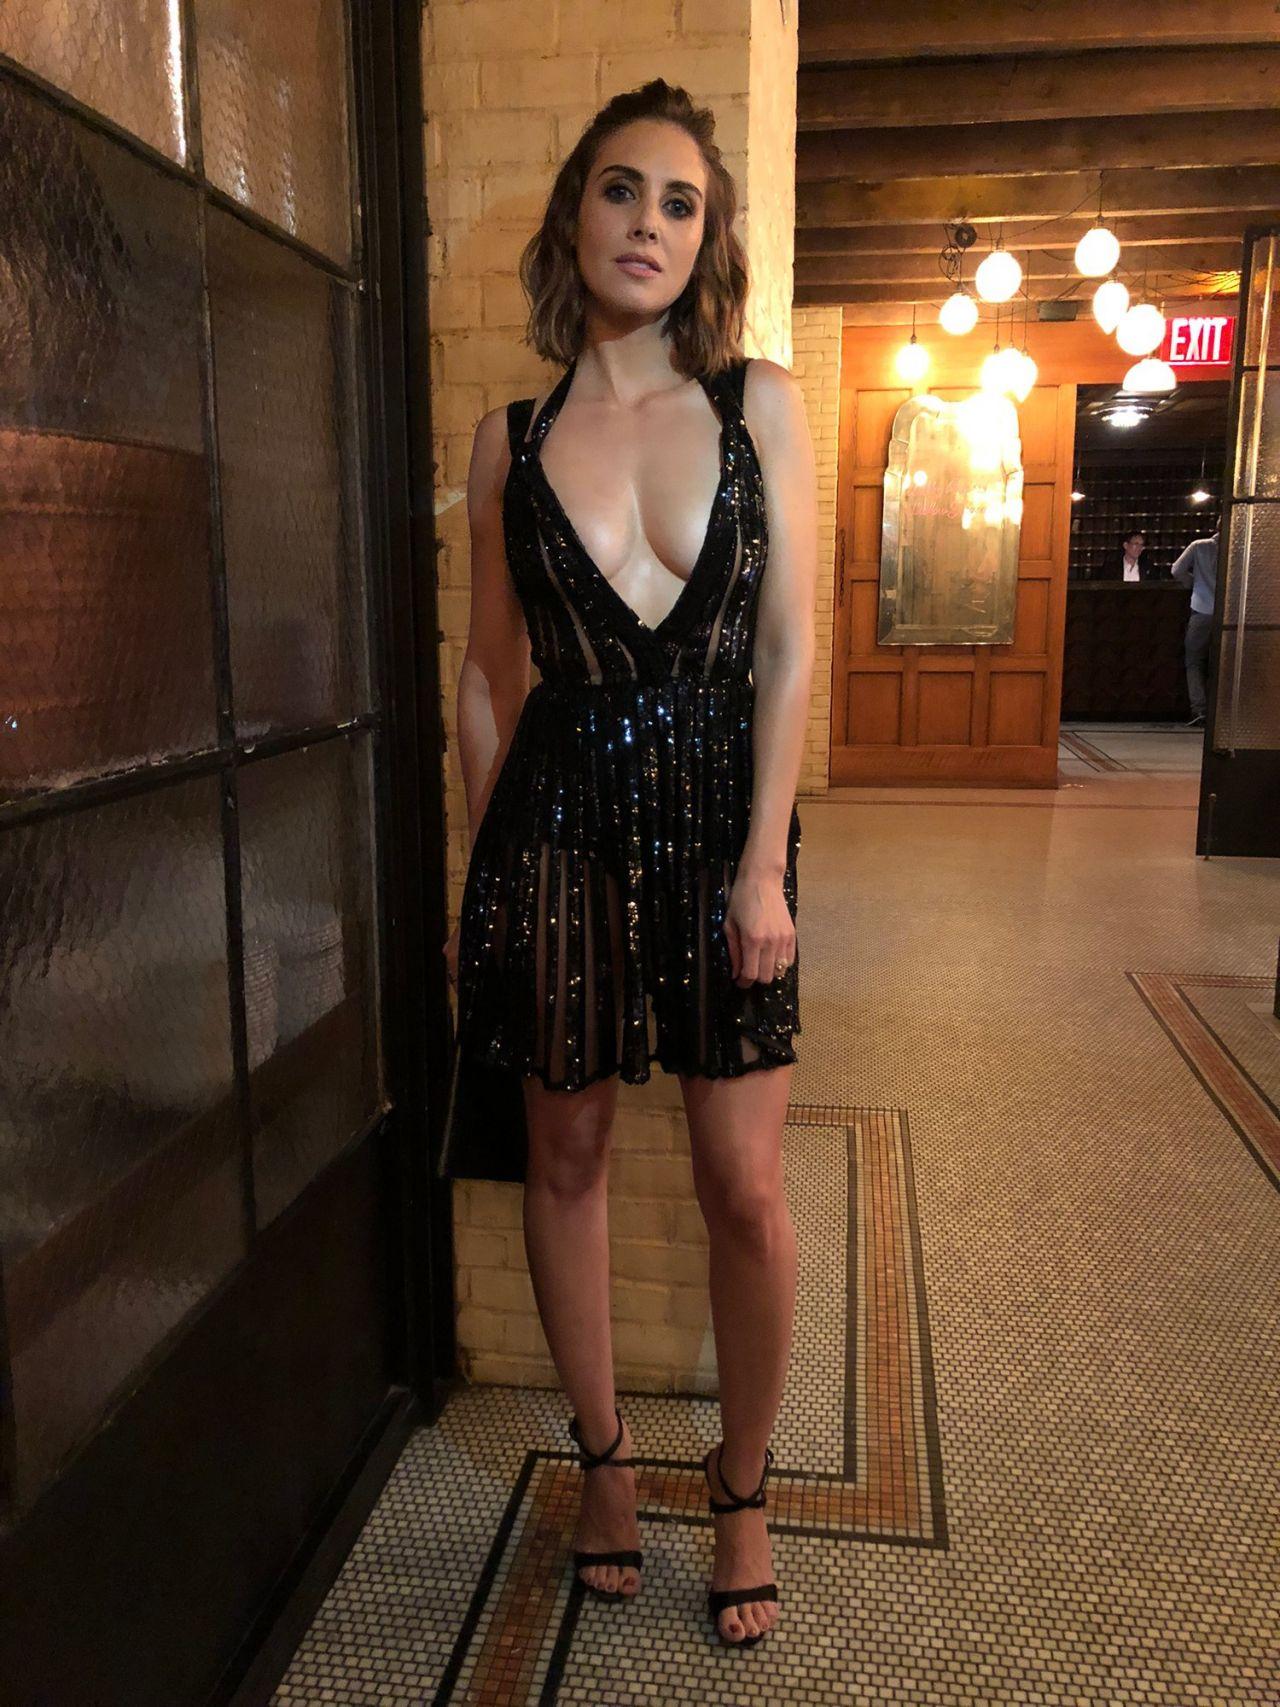 Alison Brie Vogue Vma 2019 Photo Diary